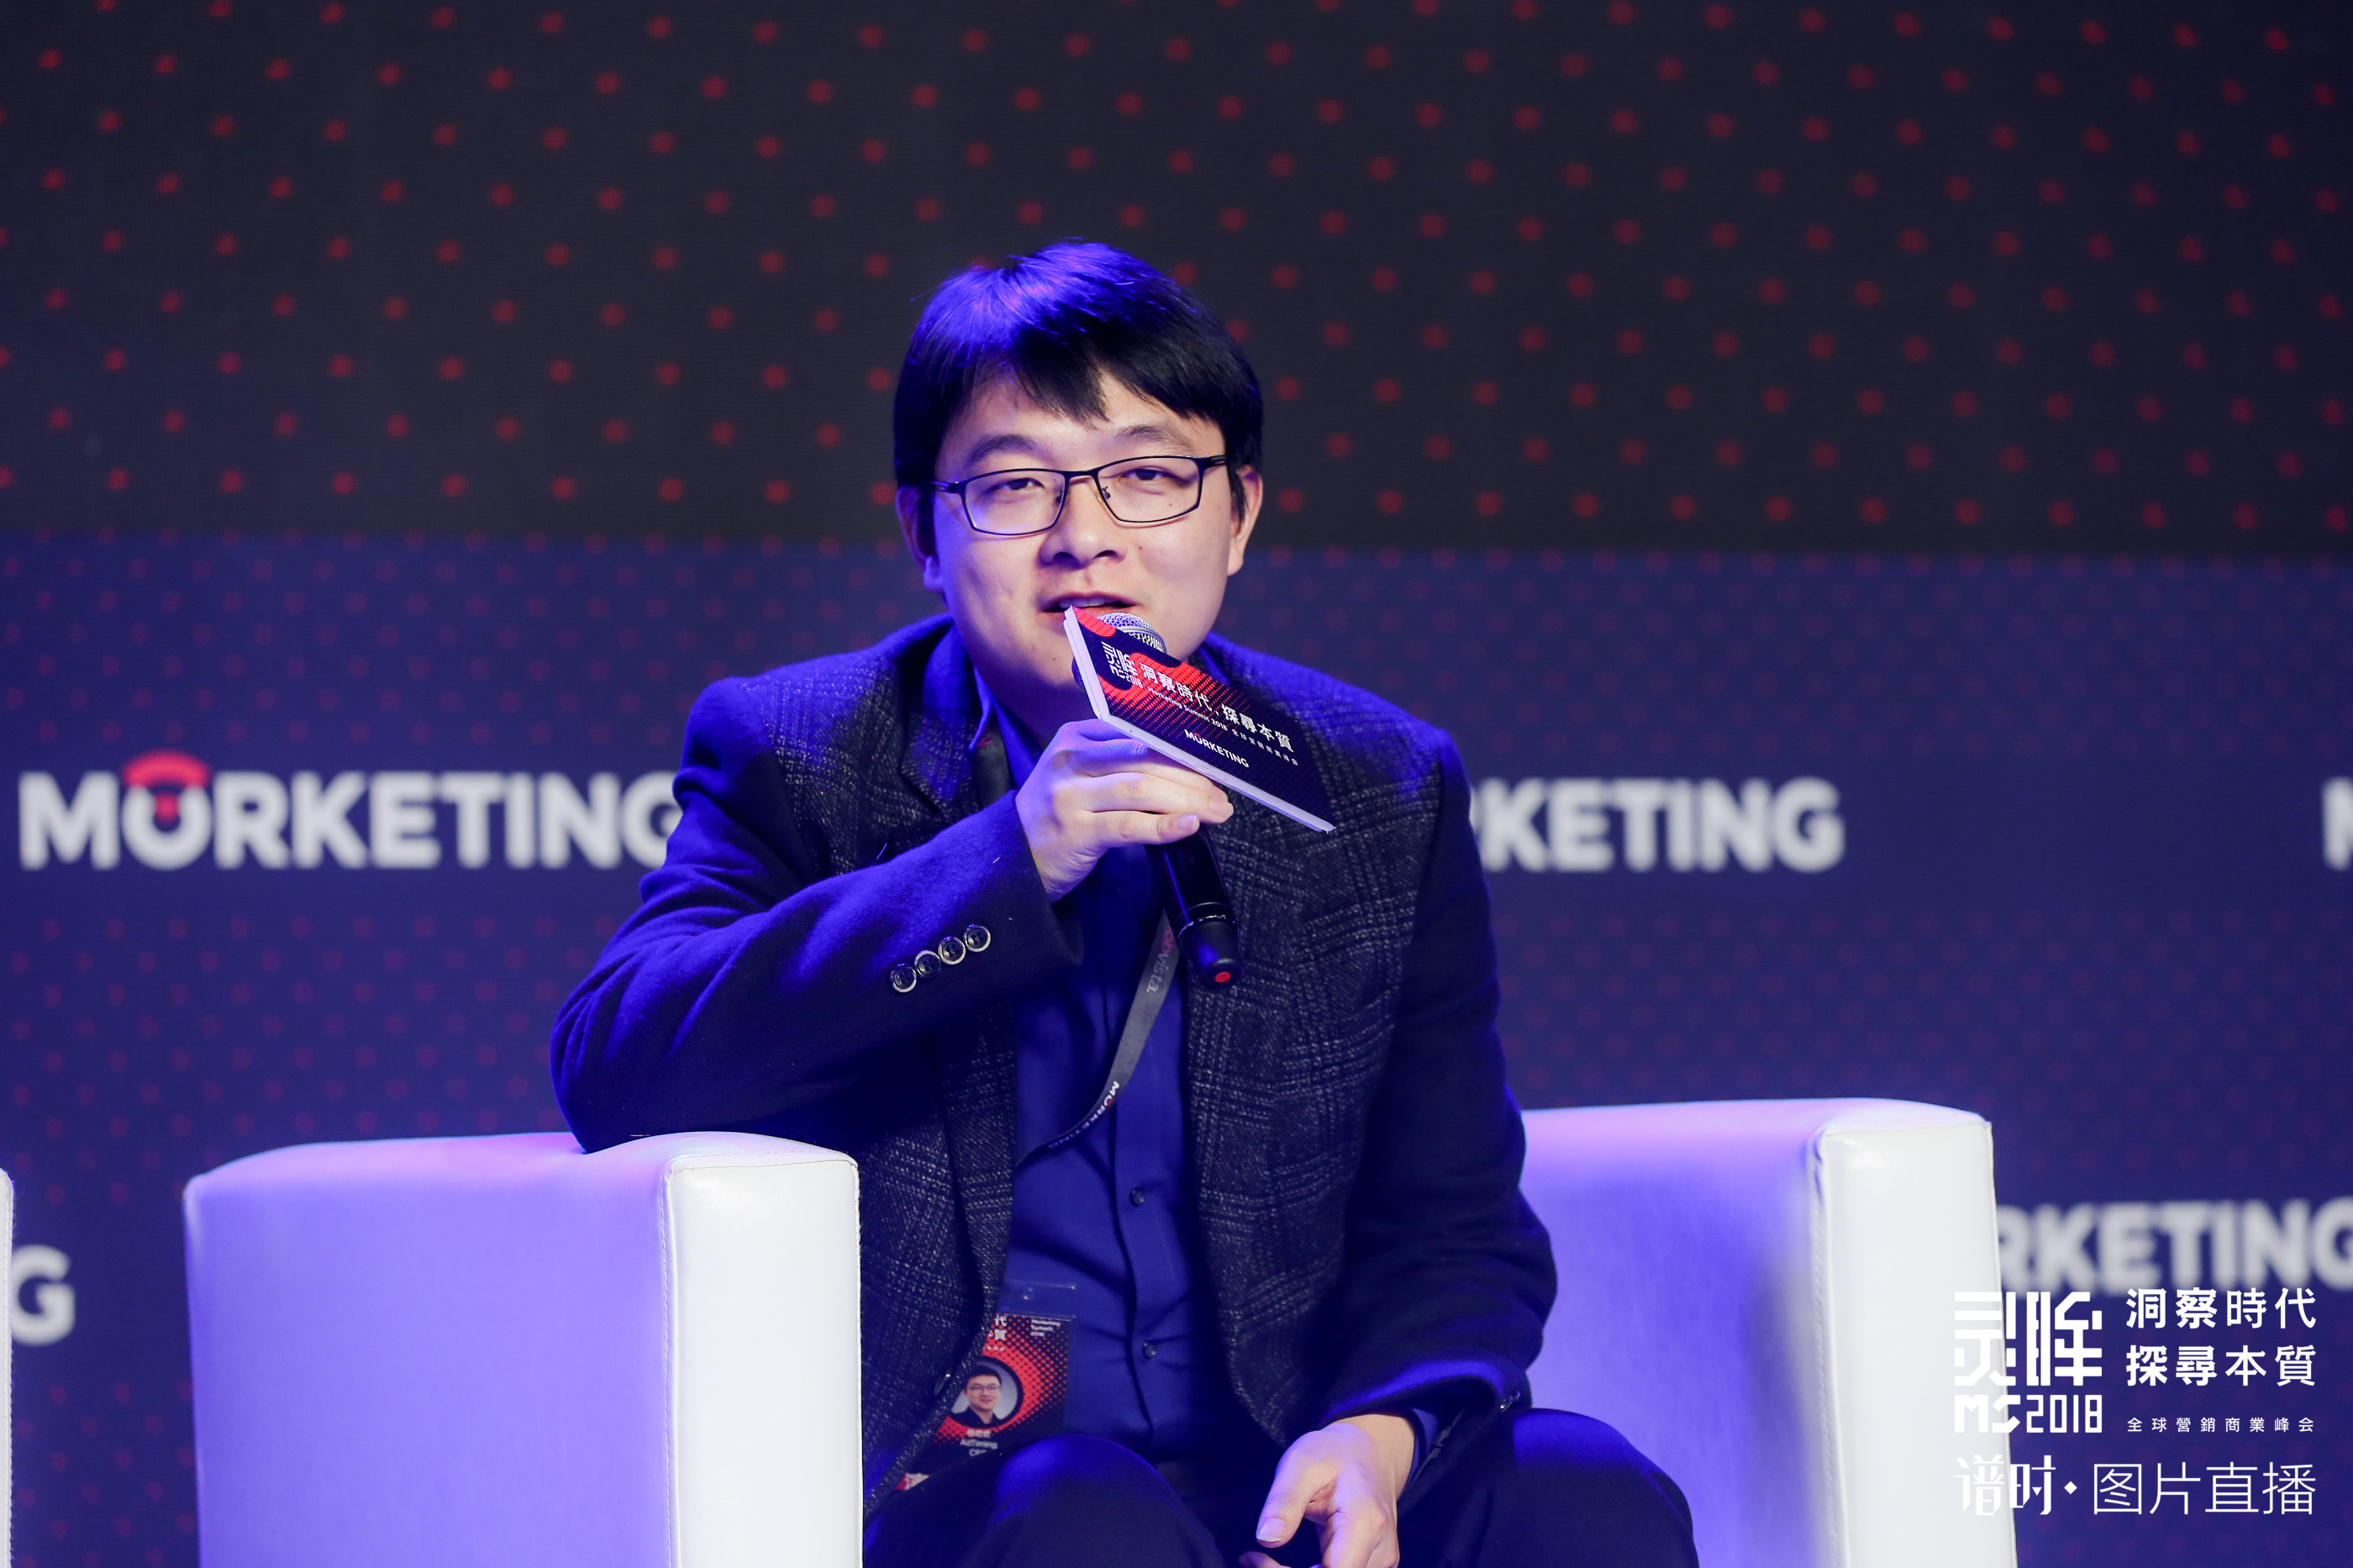 Leo Yang Huan Huan